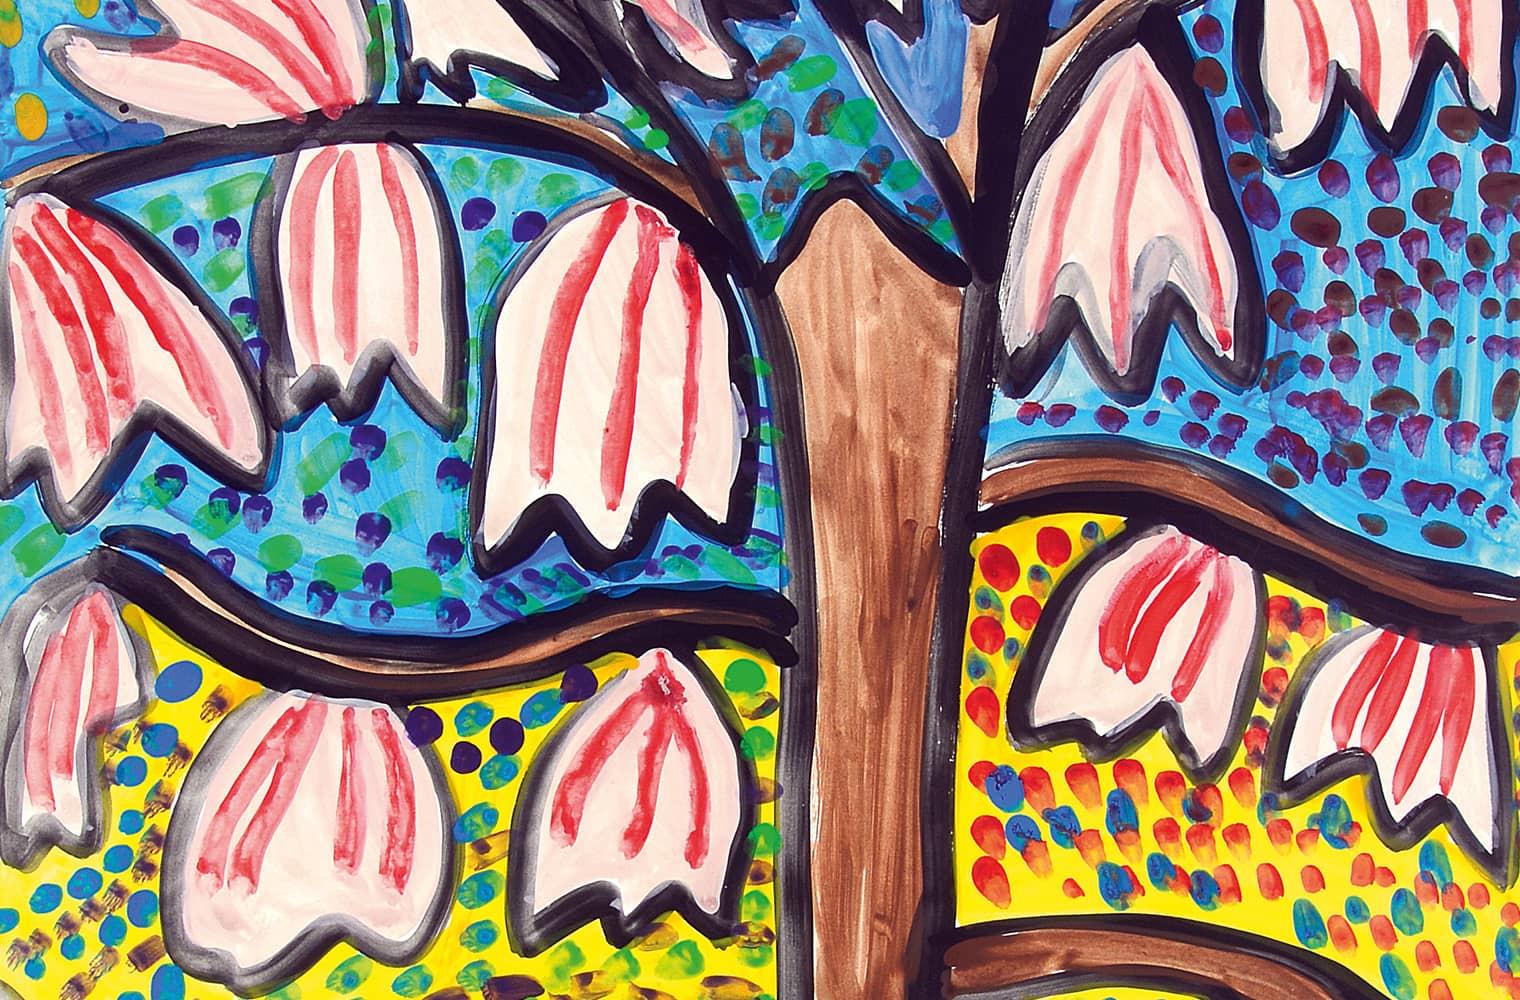 Florale Formen, die farbenfroh (gelb und blau) ausgeführt sind. Im Zentrum steht ein Magnolienbaum mit Stamm und Früchten.